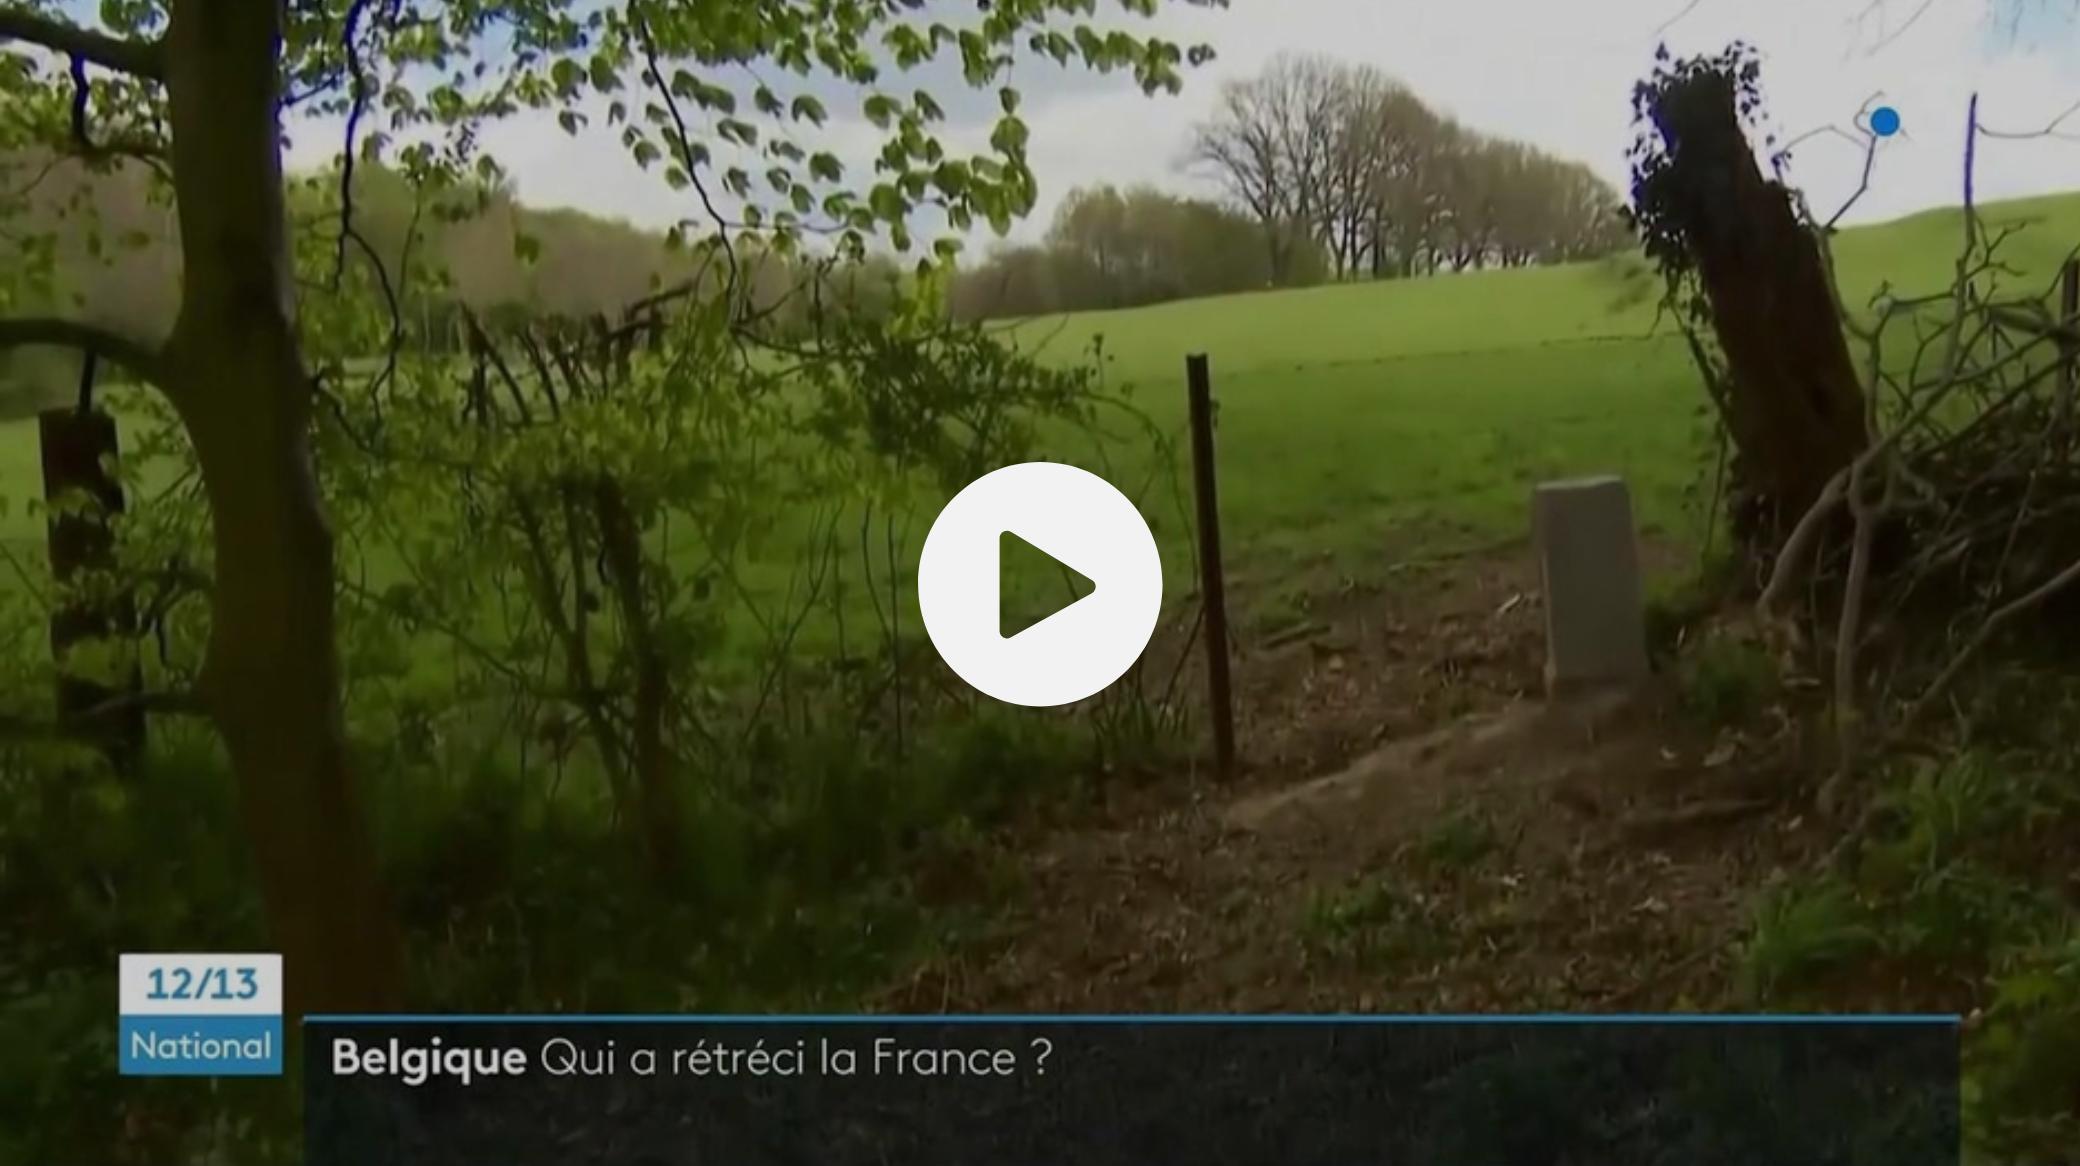 Belgique : la frontière avec la France repoussée à cause d'une borne déplacée